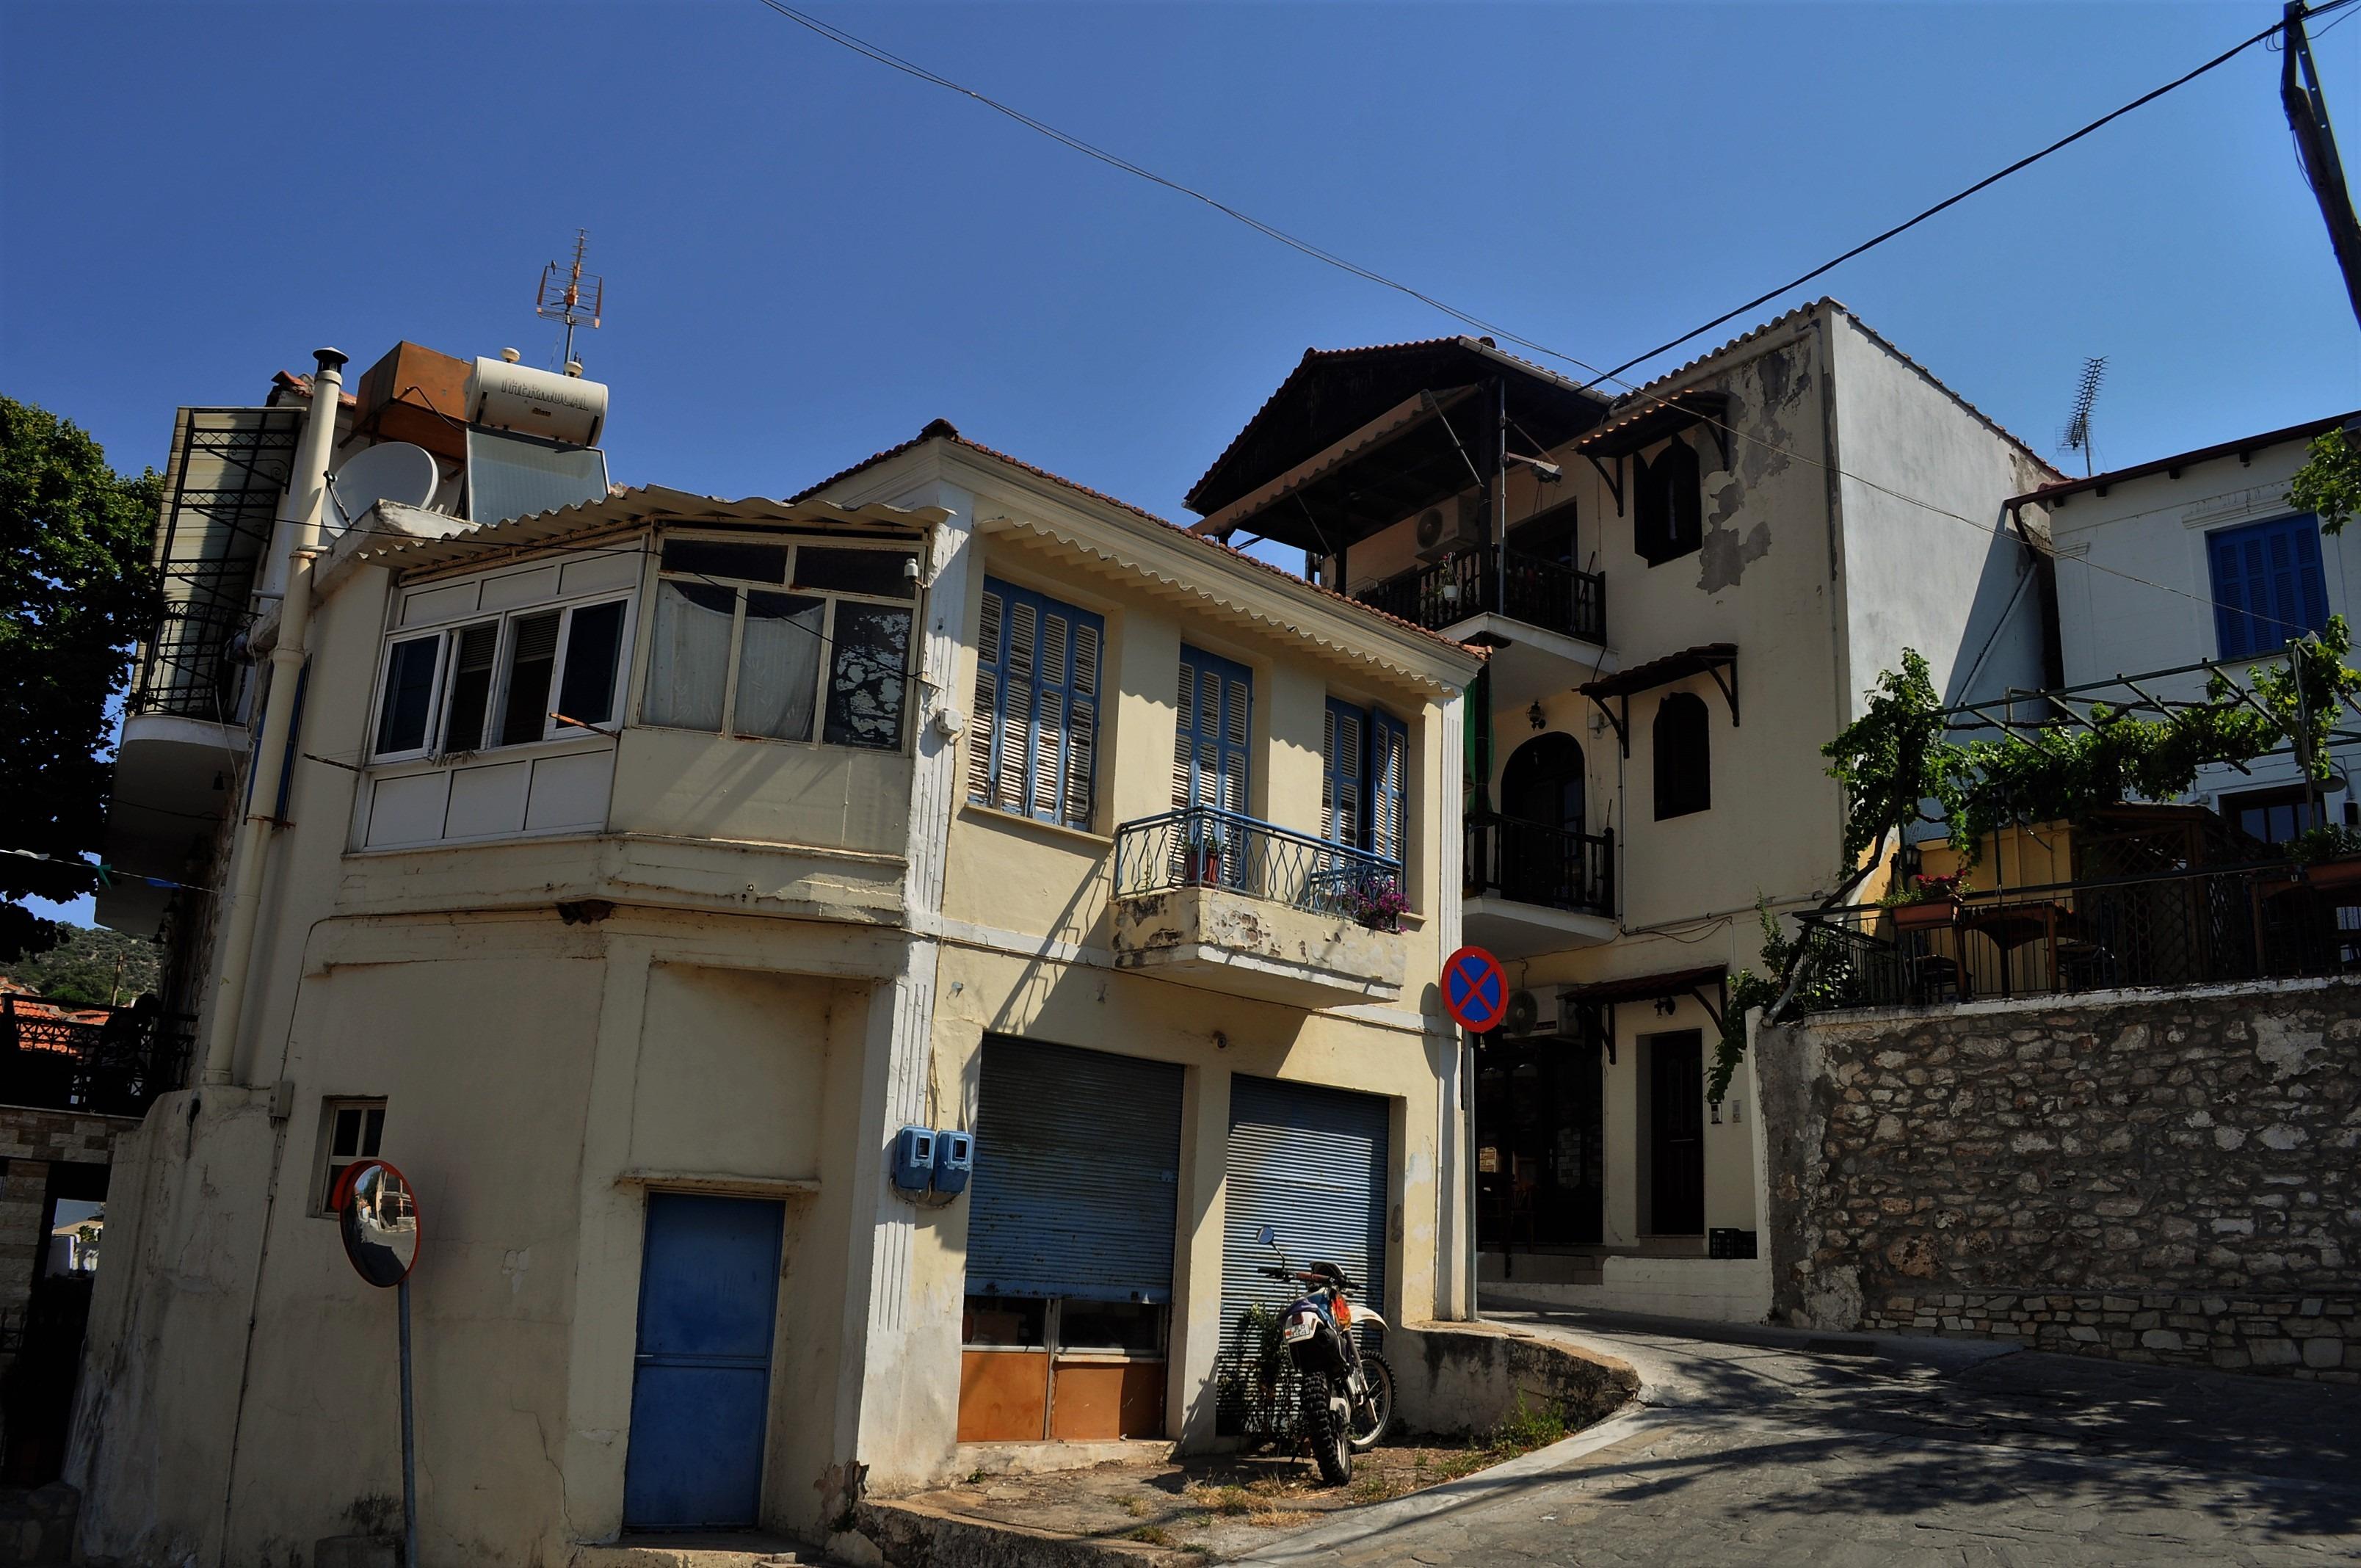 Село Калираки е сгушено в подножието на планината на малко повече от 2 км от Скала Калираки.